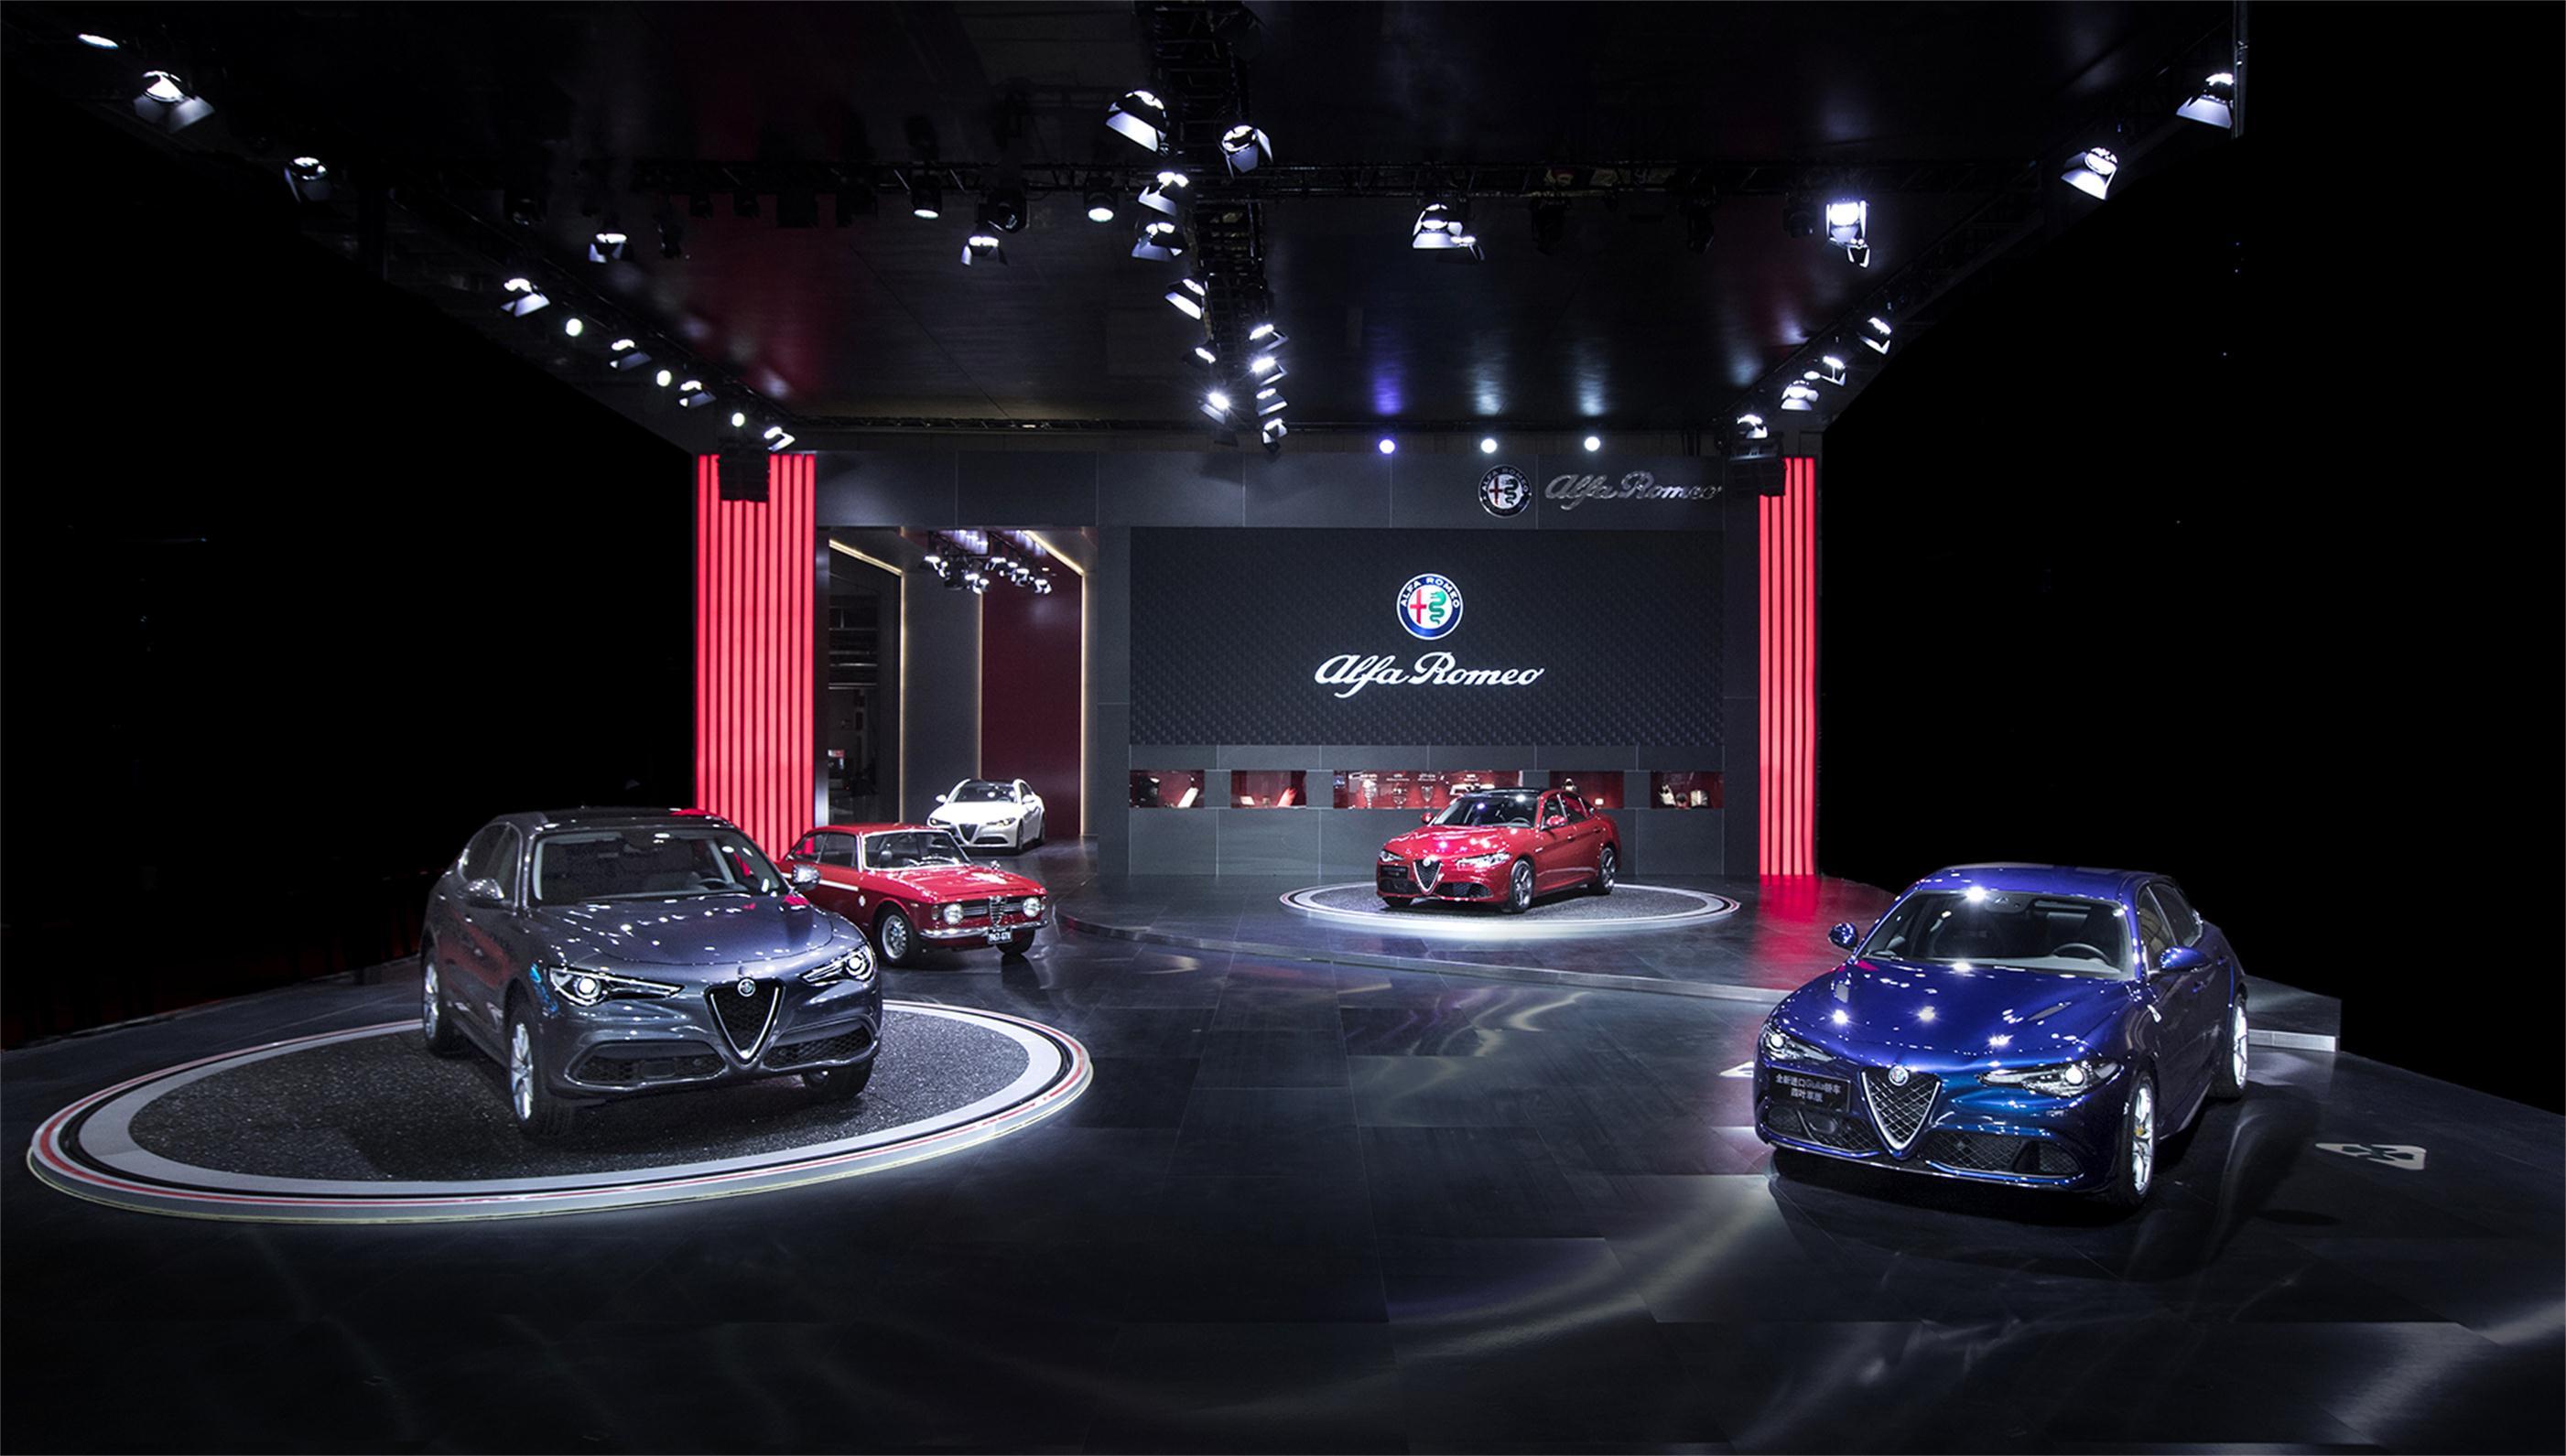 阿尔法·罗密欧进驻中国 携两款重磅车型上海车展惊艳亮相